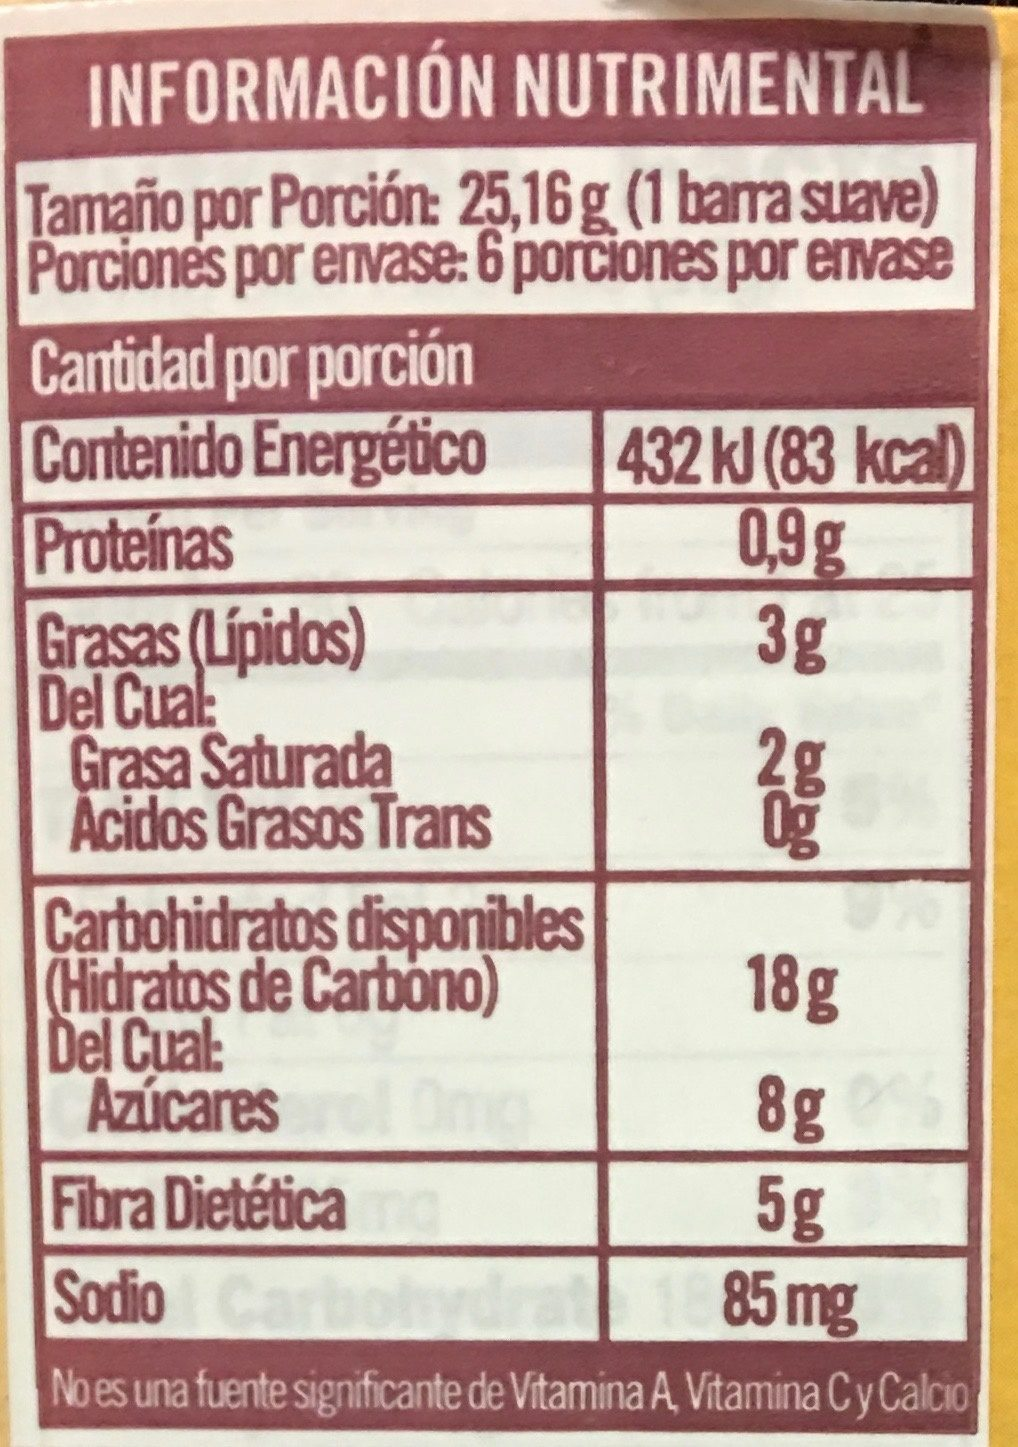 Fiber One 90 Calorie Chocolate Fudge Brownies - 6 CT - Información nutricional - es